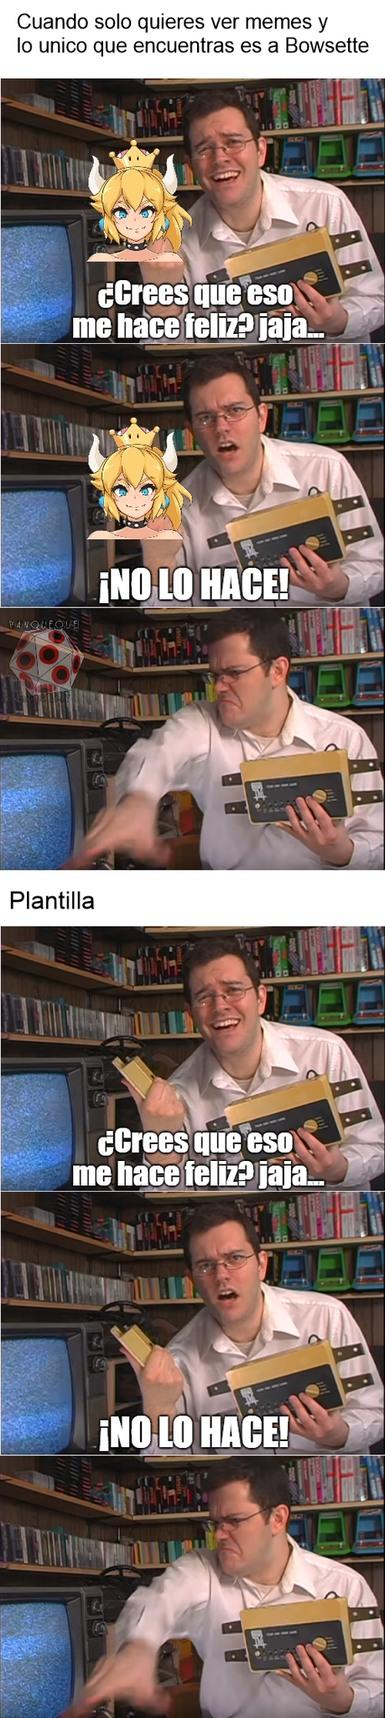 Otro meme de Bowsette + una plantilla que quiza nadie use